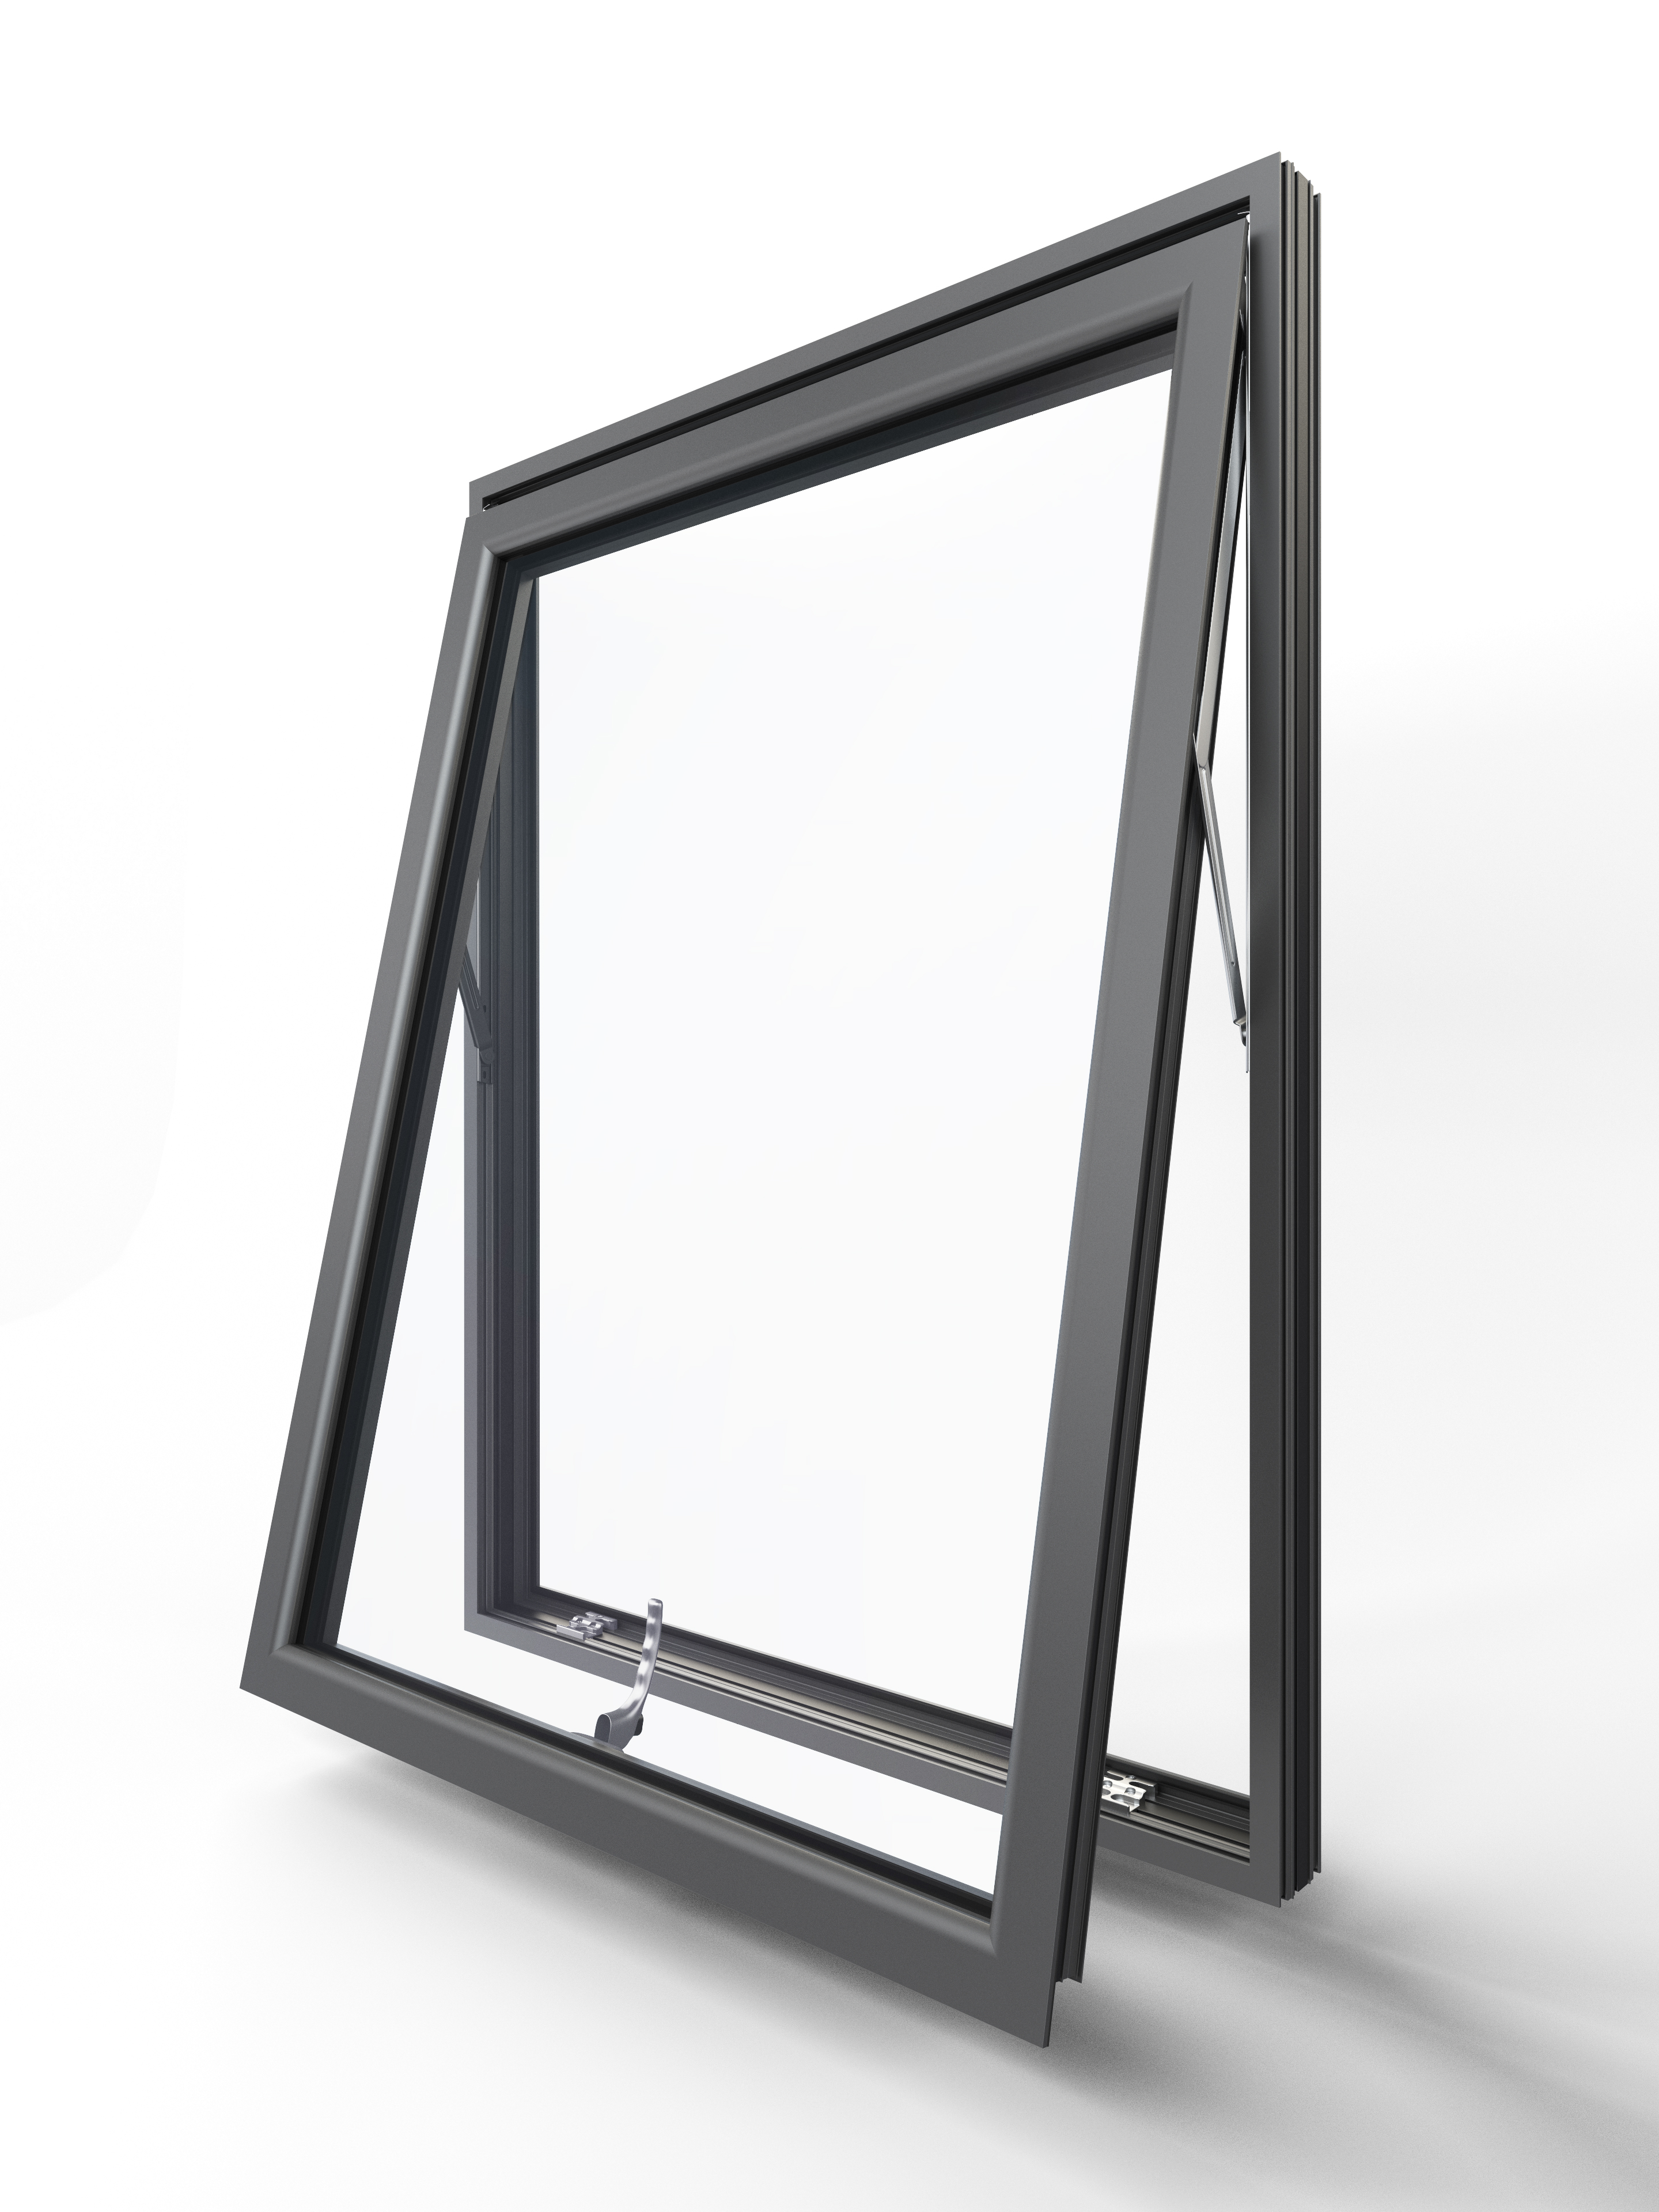 SLIMLINE ALUMINIUM WINDOW FOR RESIDENTIAL MARKET   Pro Installer